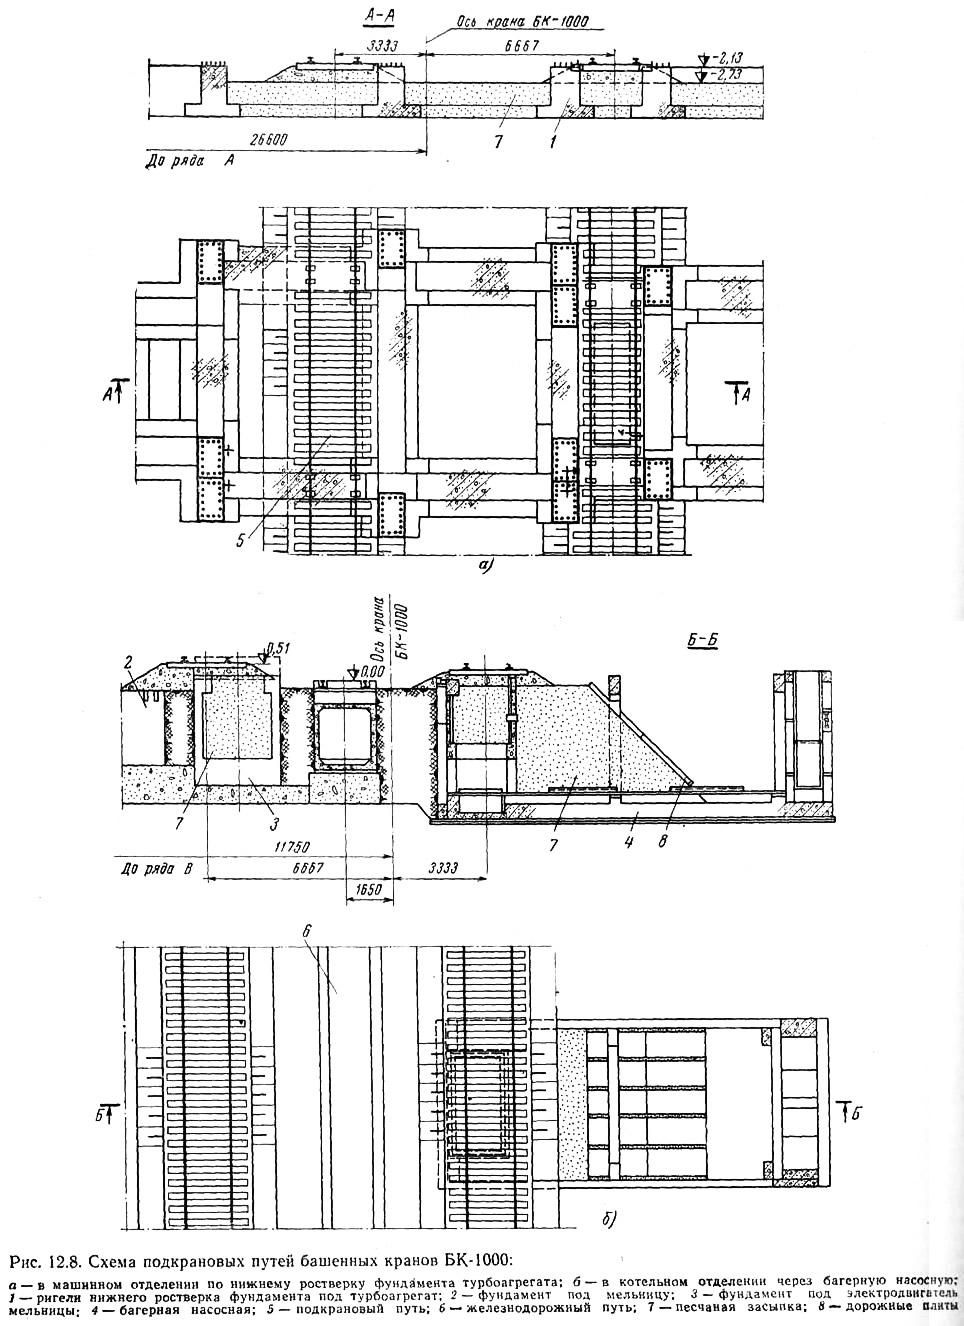 эл.схема водонагревателя